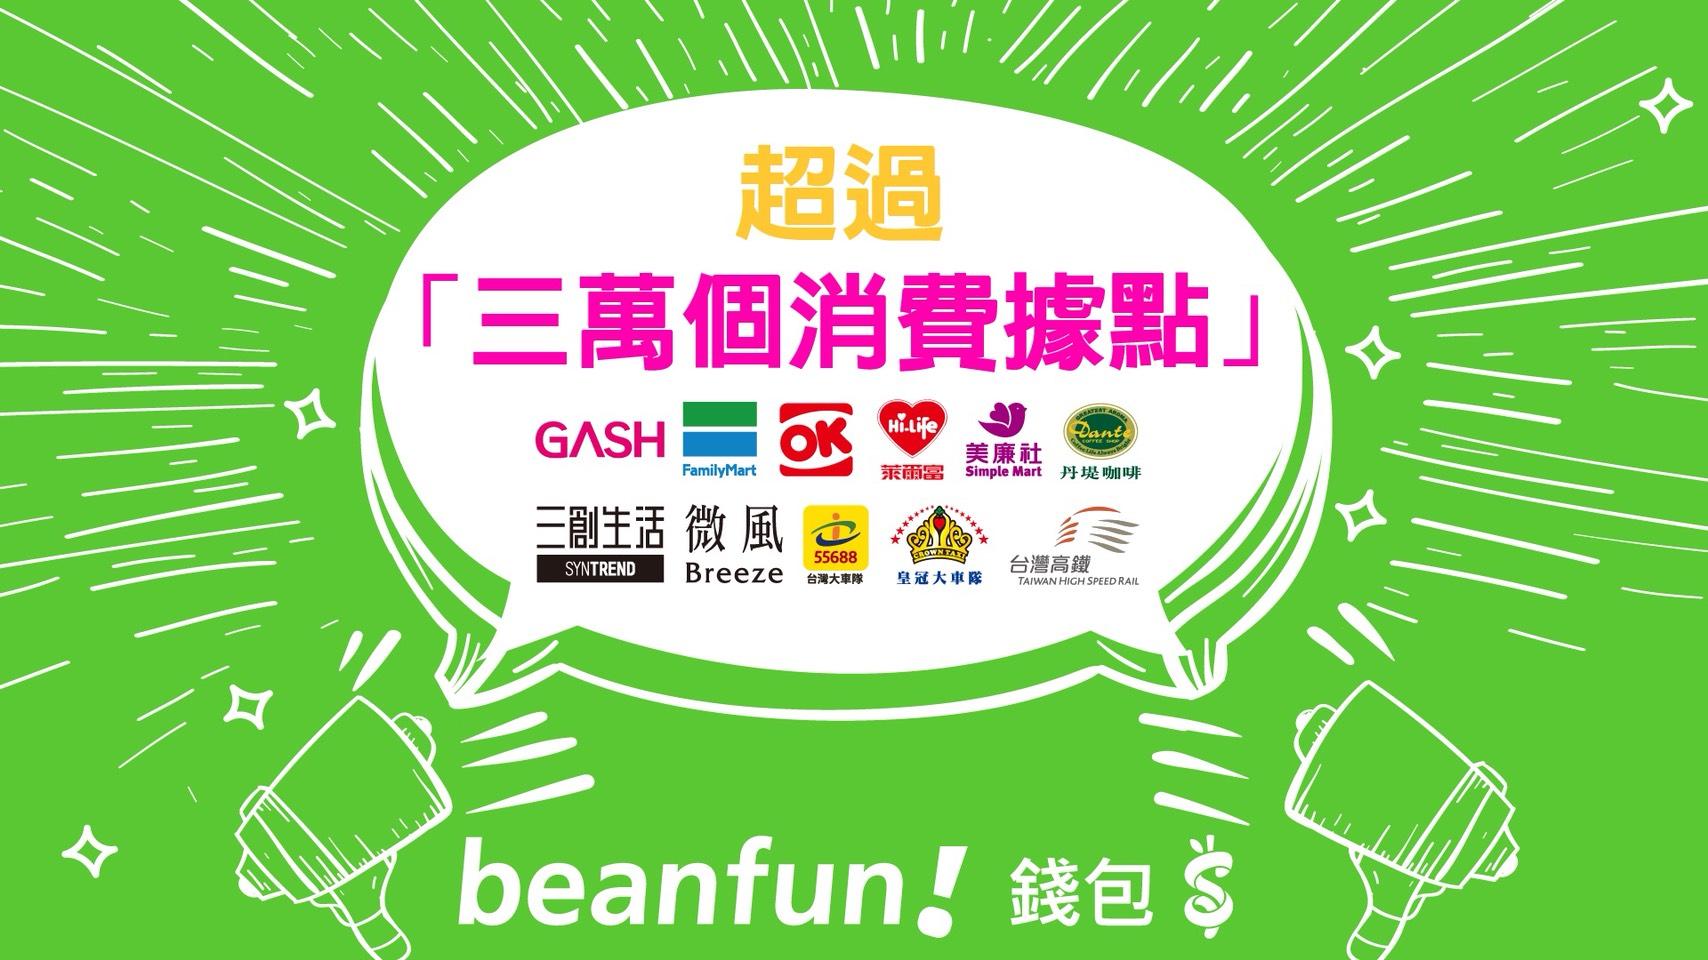 「台幣一億等你來搬!」 beanfun!全台三萬消費據點大公開